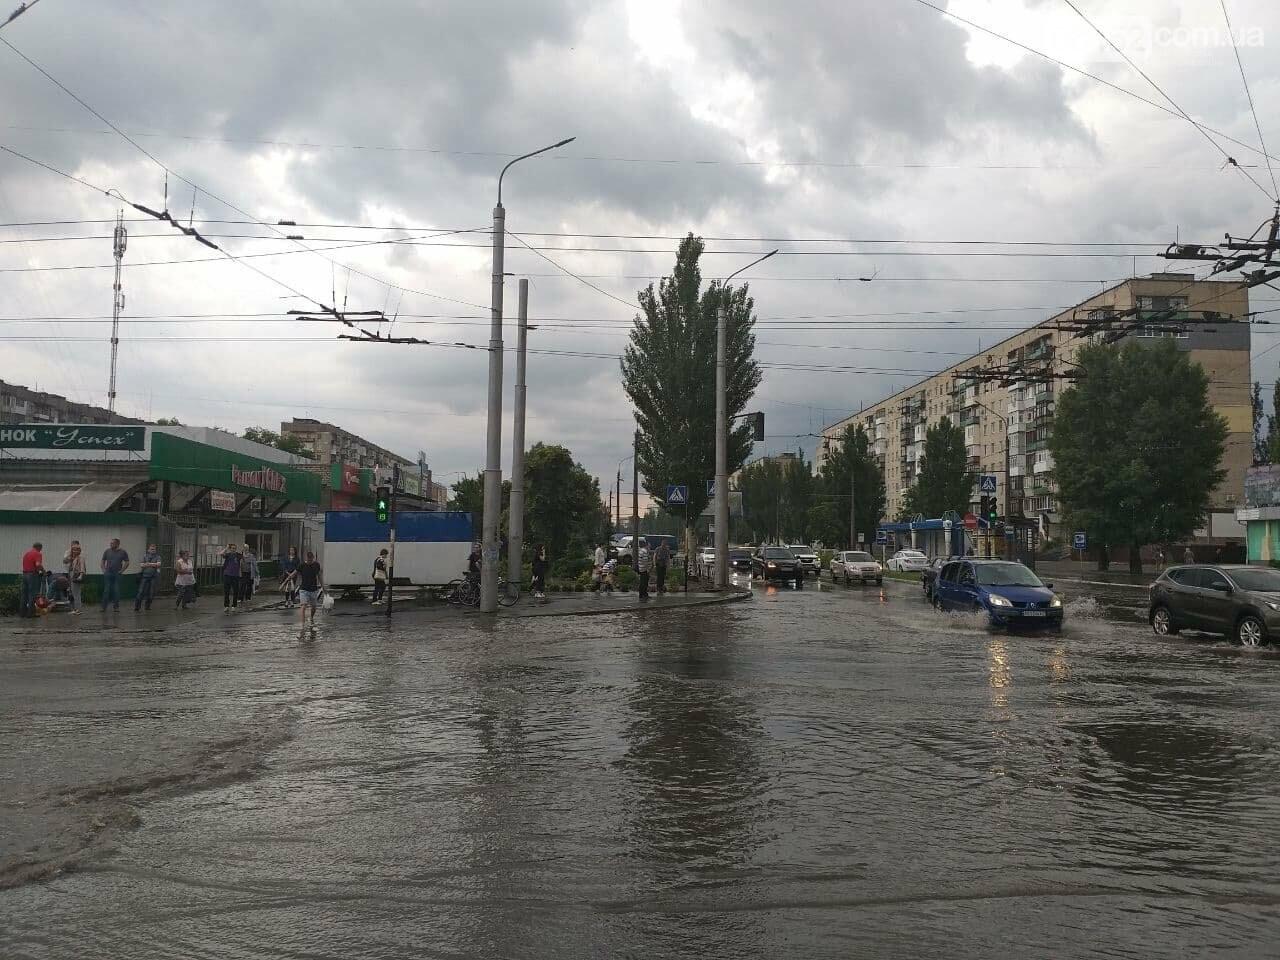 После дождика в четверг: мощный ливень обрушился на Северодонецк и оставил массу проблем, фото-11